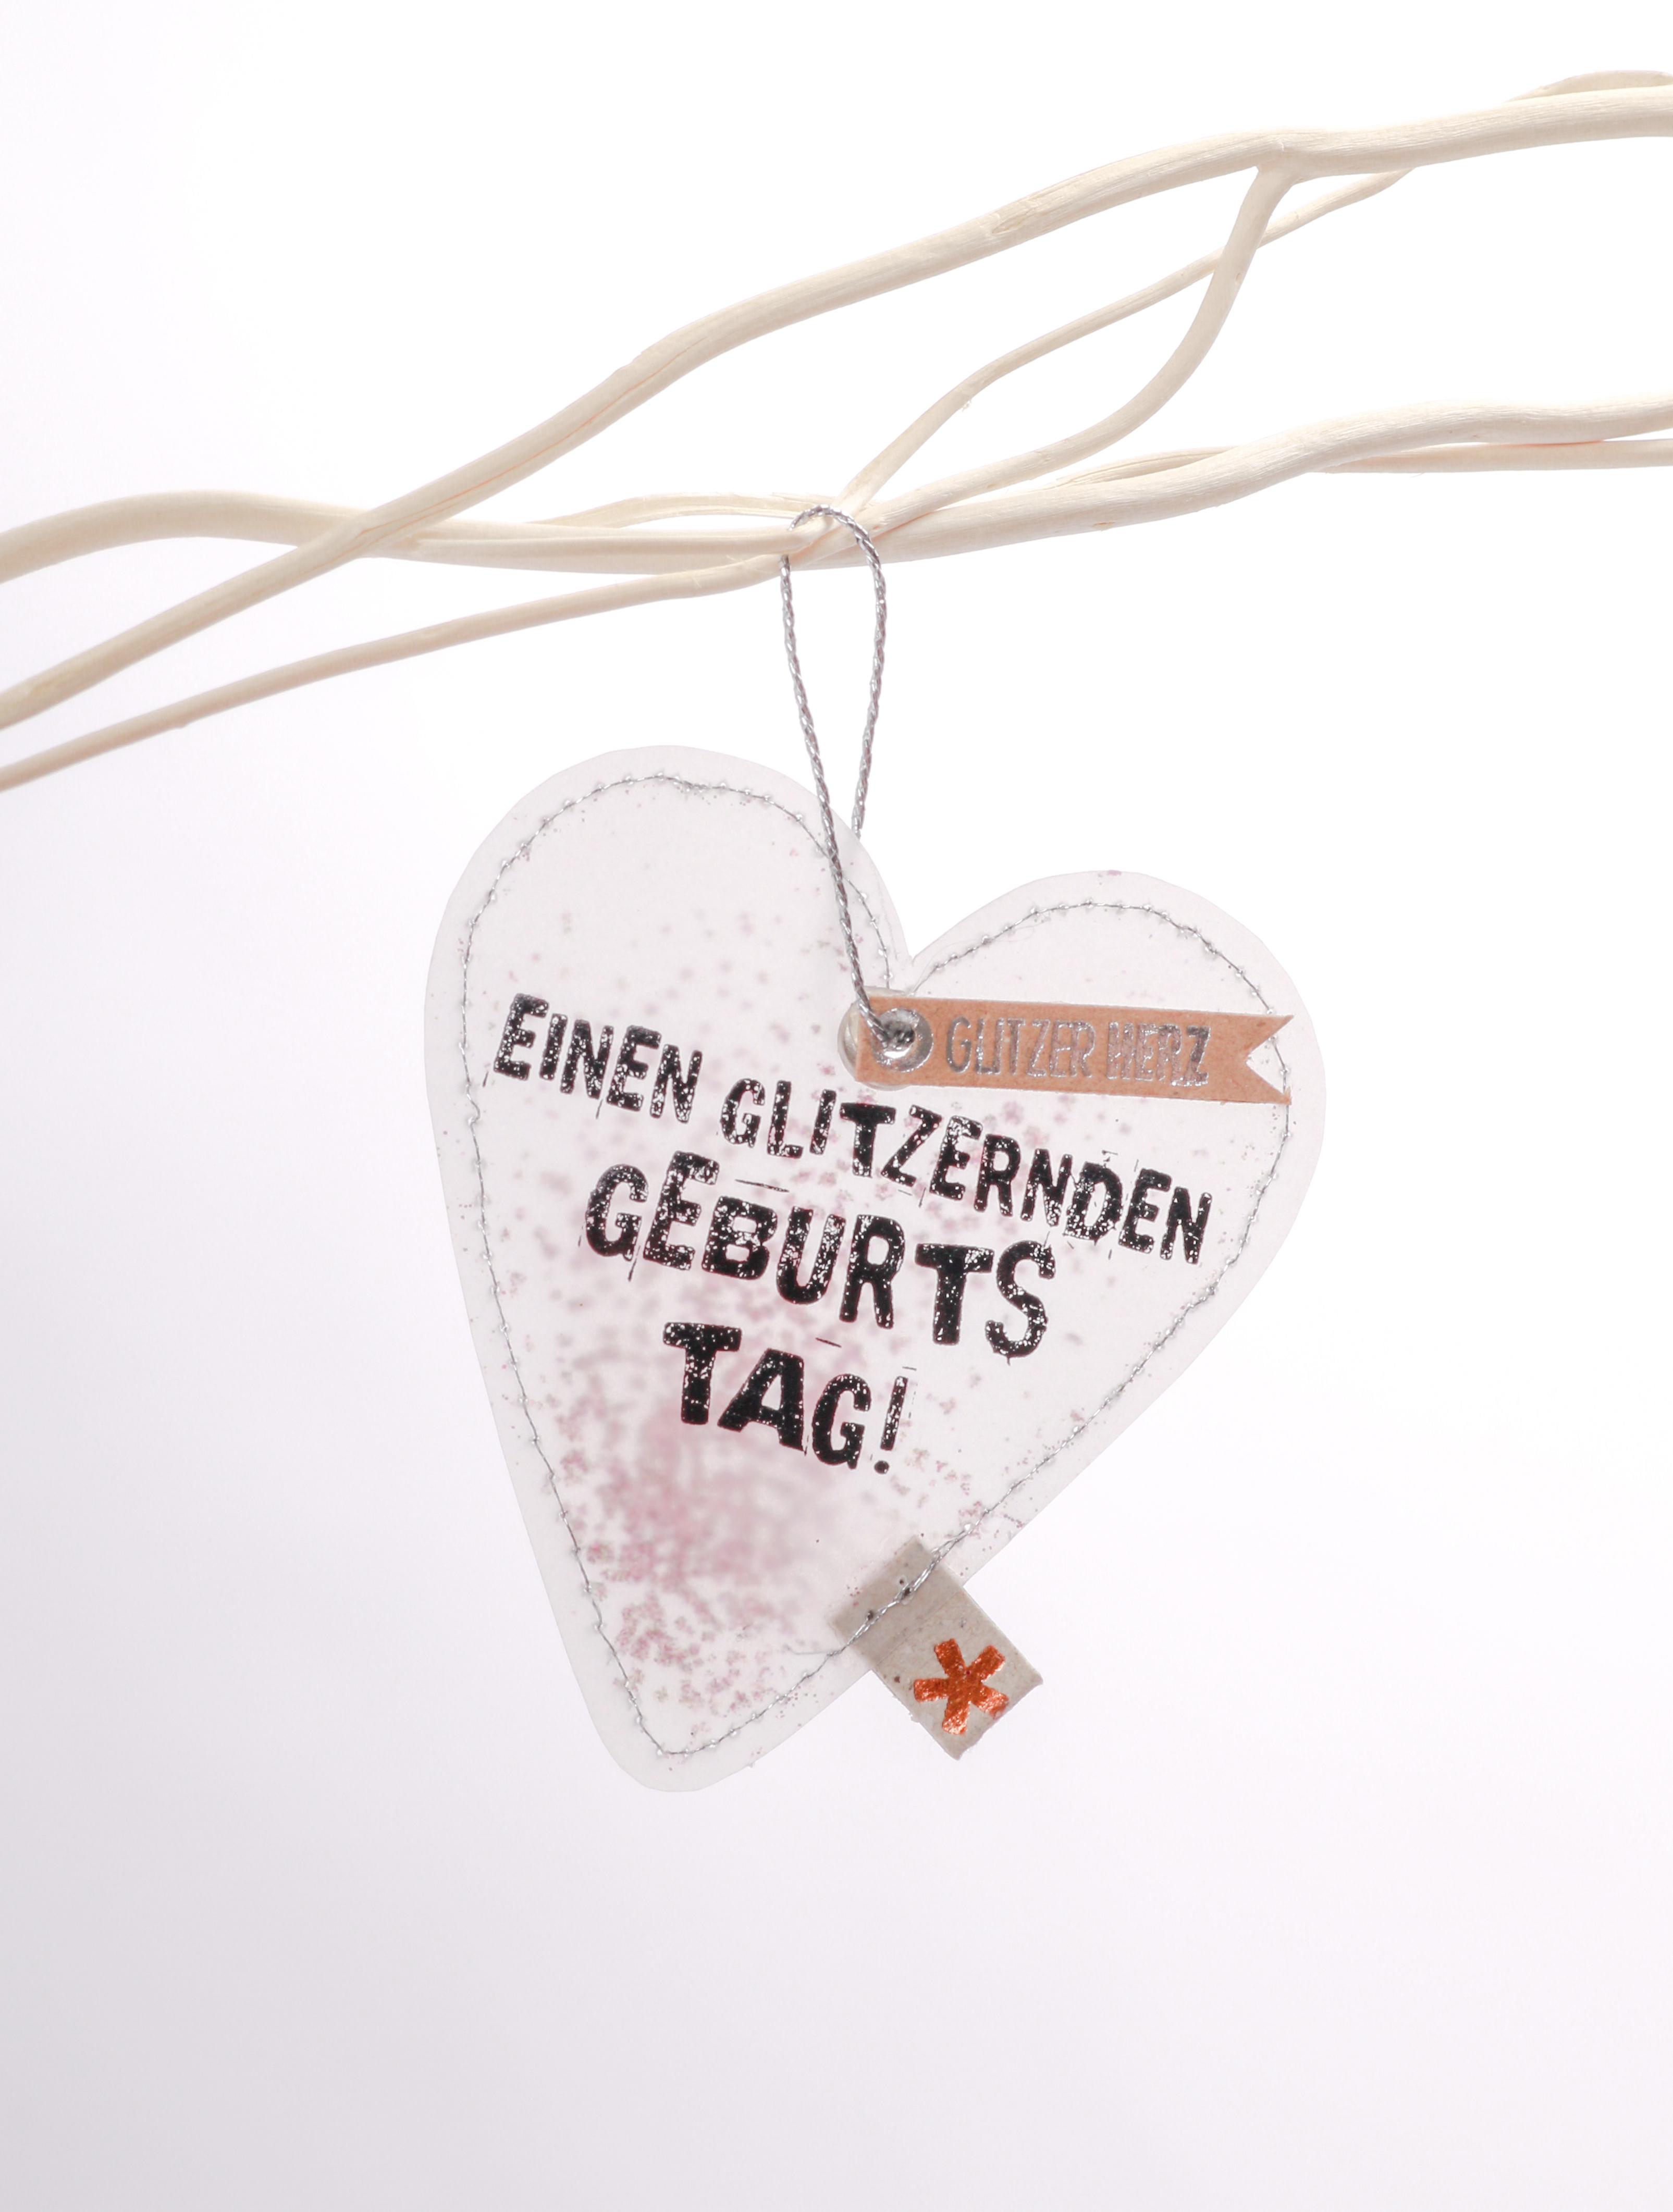 Glitzerherzen - Glitzergeburtstag - Good old friends